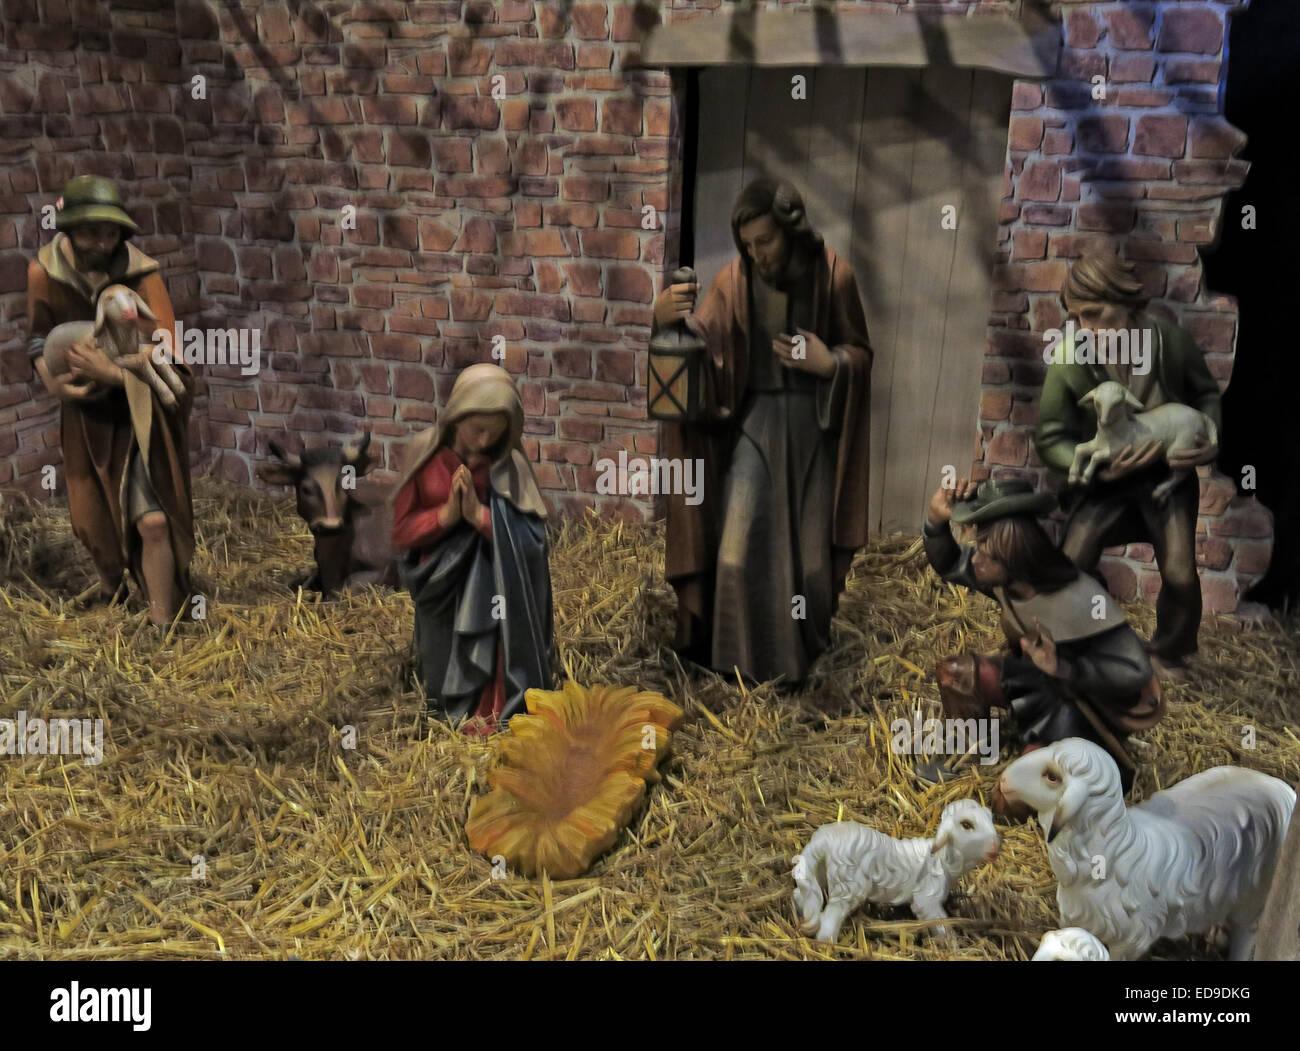 Laden Sie dieses Alamy Stockfoto Krippe und Weihnachten Krippe in Lichfield Kathedrale Staffordshire, England UK - ED9DKG